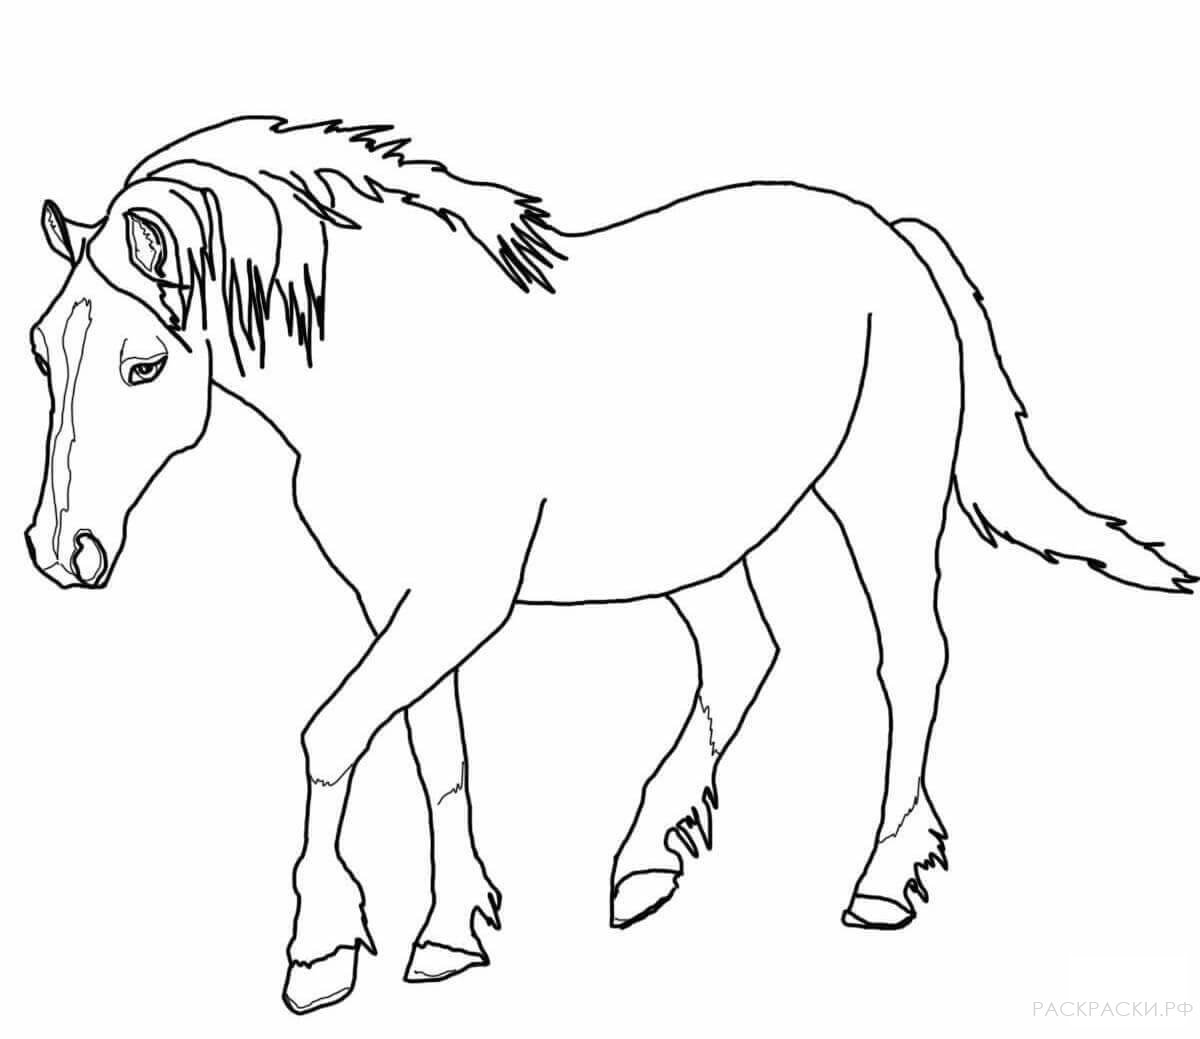 длинным распечатать изображение коня большинстве случаев